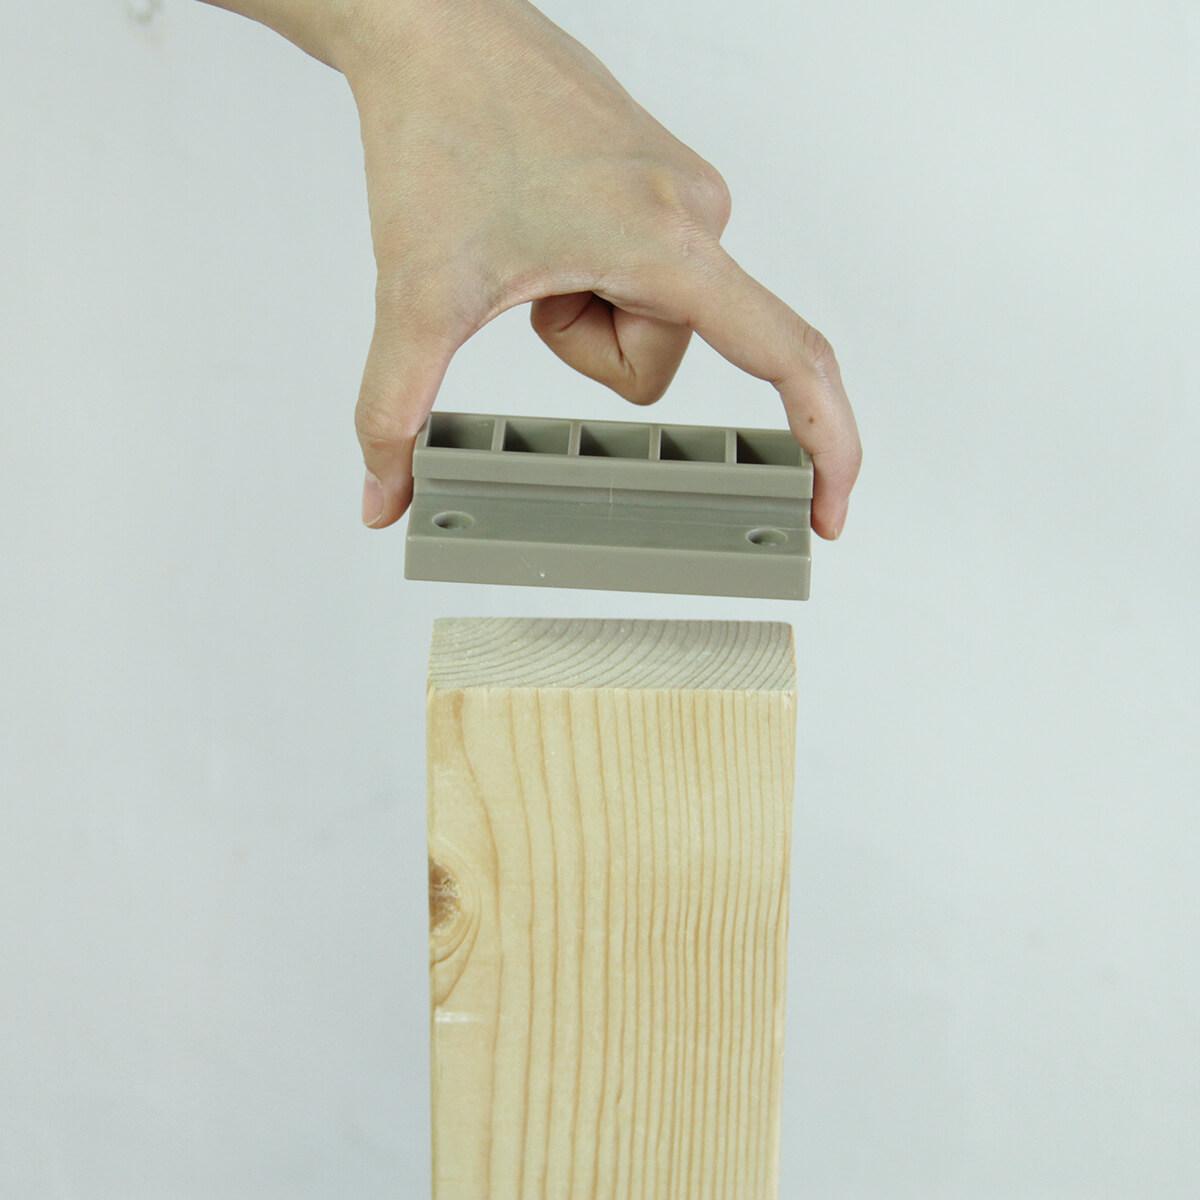 LABRICO(ラブリコ) 2×4材用ジョイント ナチュラルグレージュ(限定色) DXN-4 ツーバイフォー材 パーツ 1セット